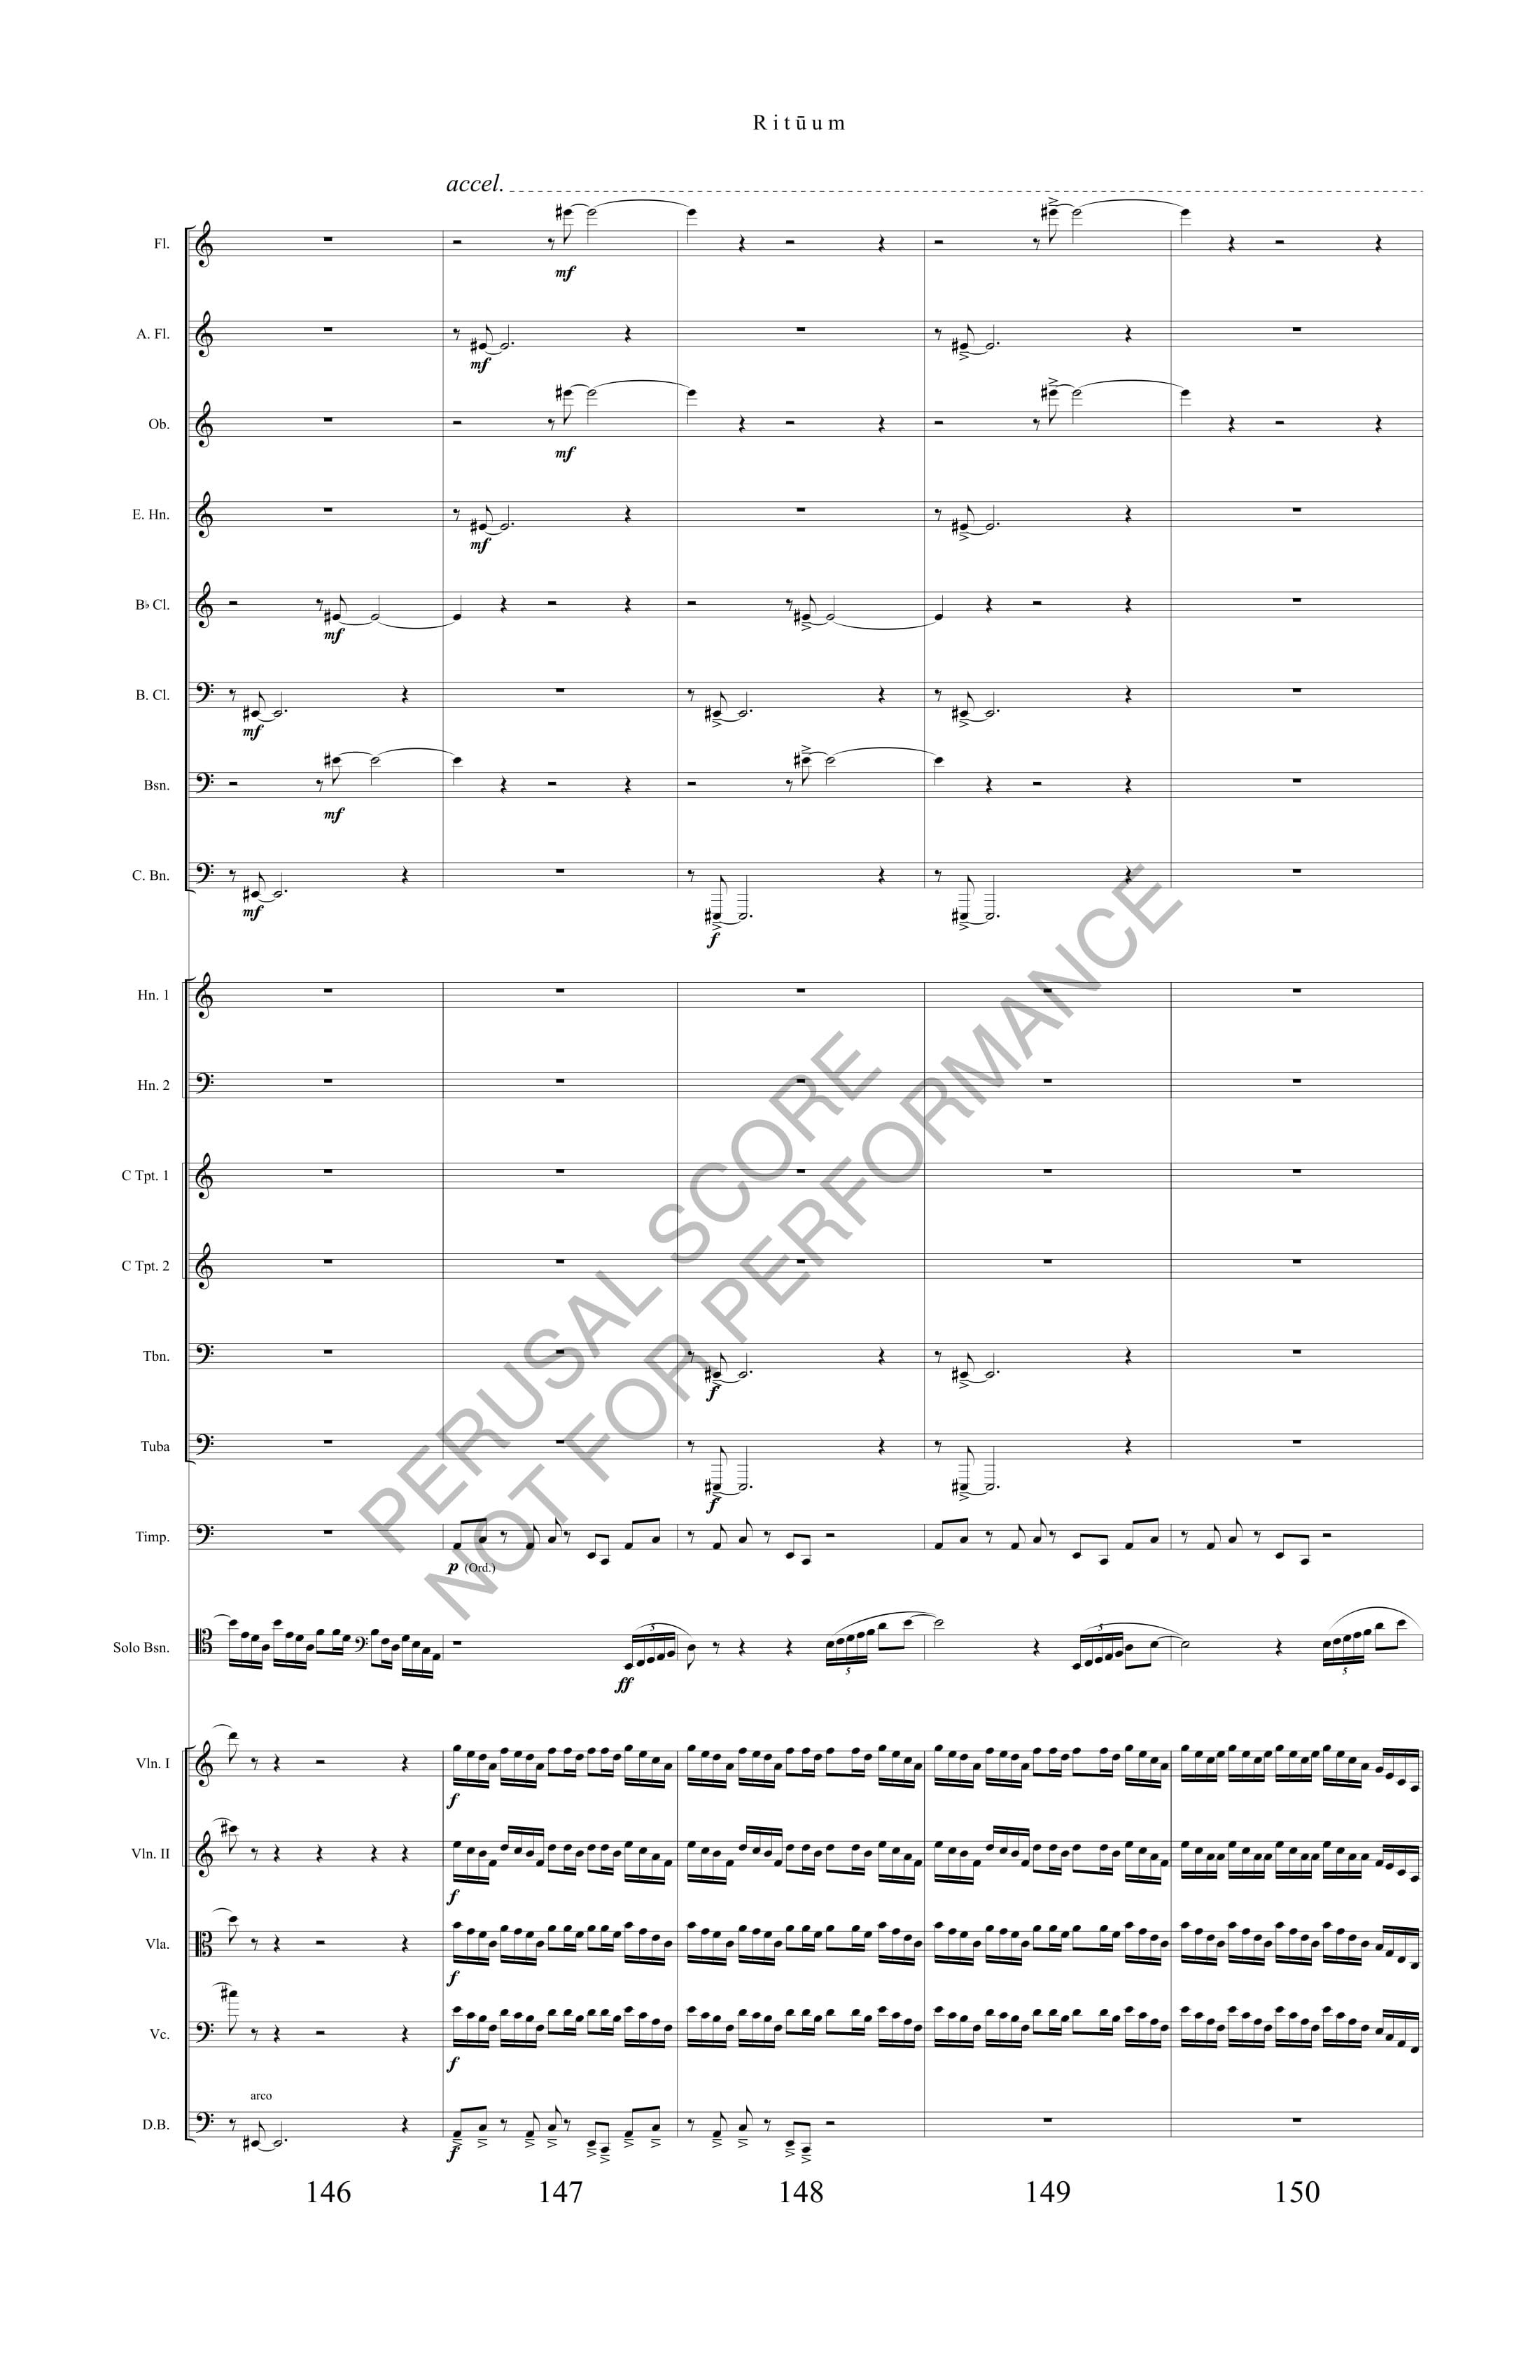 Boyd Rituum Score-watermark (1)-36.jpg